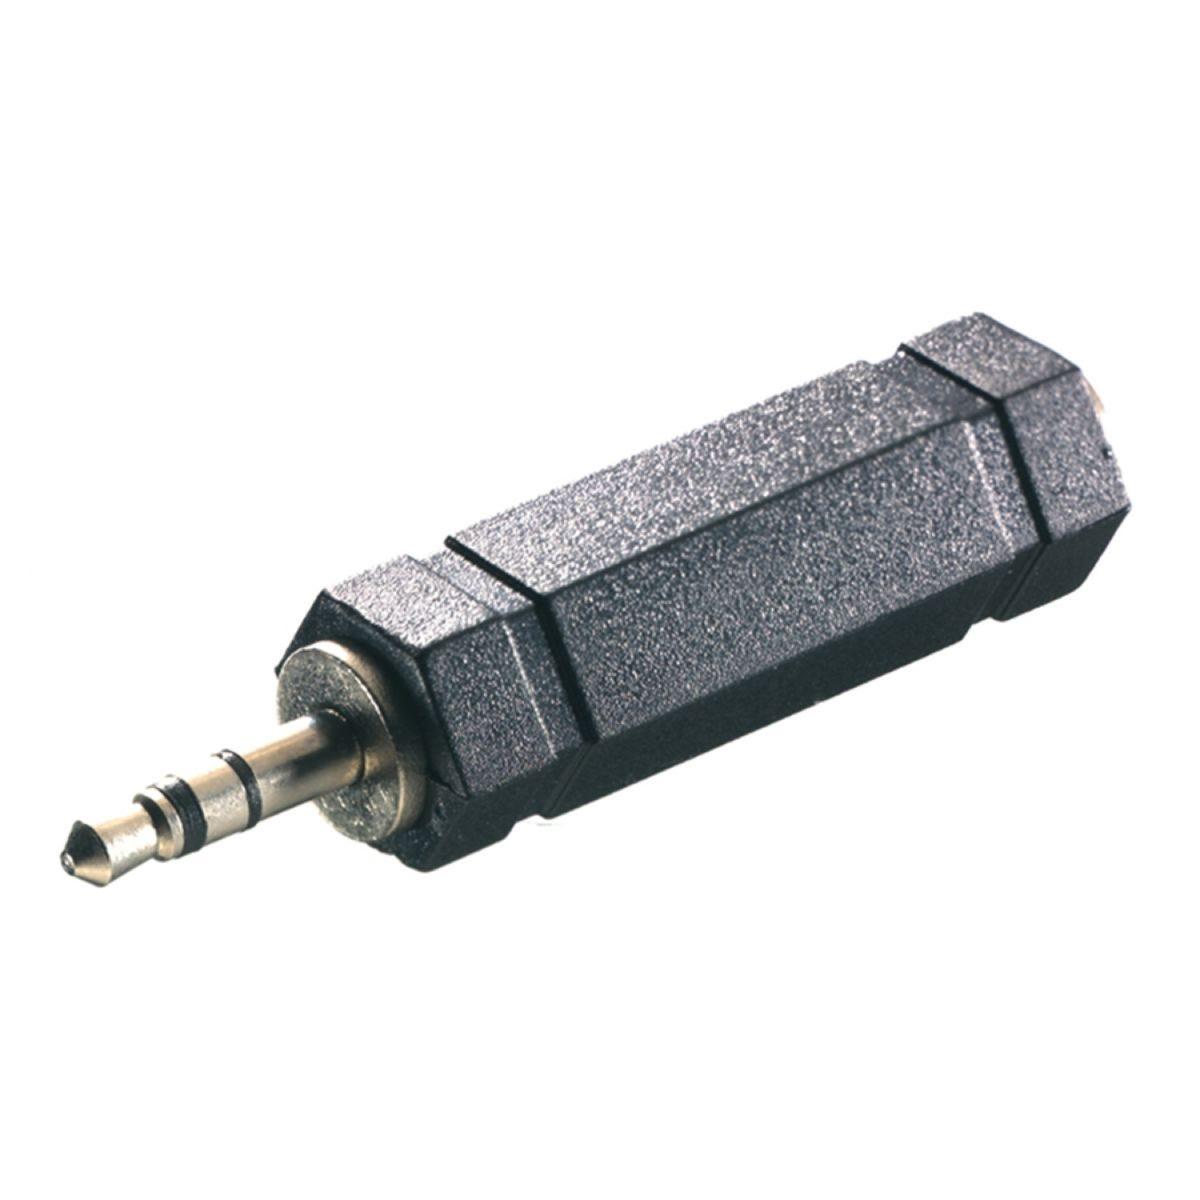 Vivanco Audio Adaptor 3.5mm - 6.3mm Jack Plug